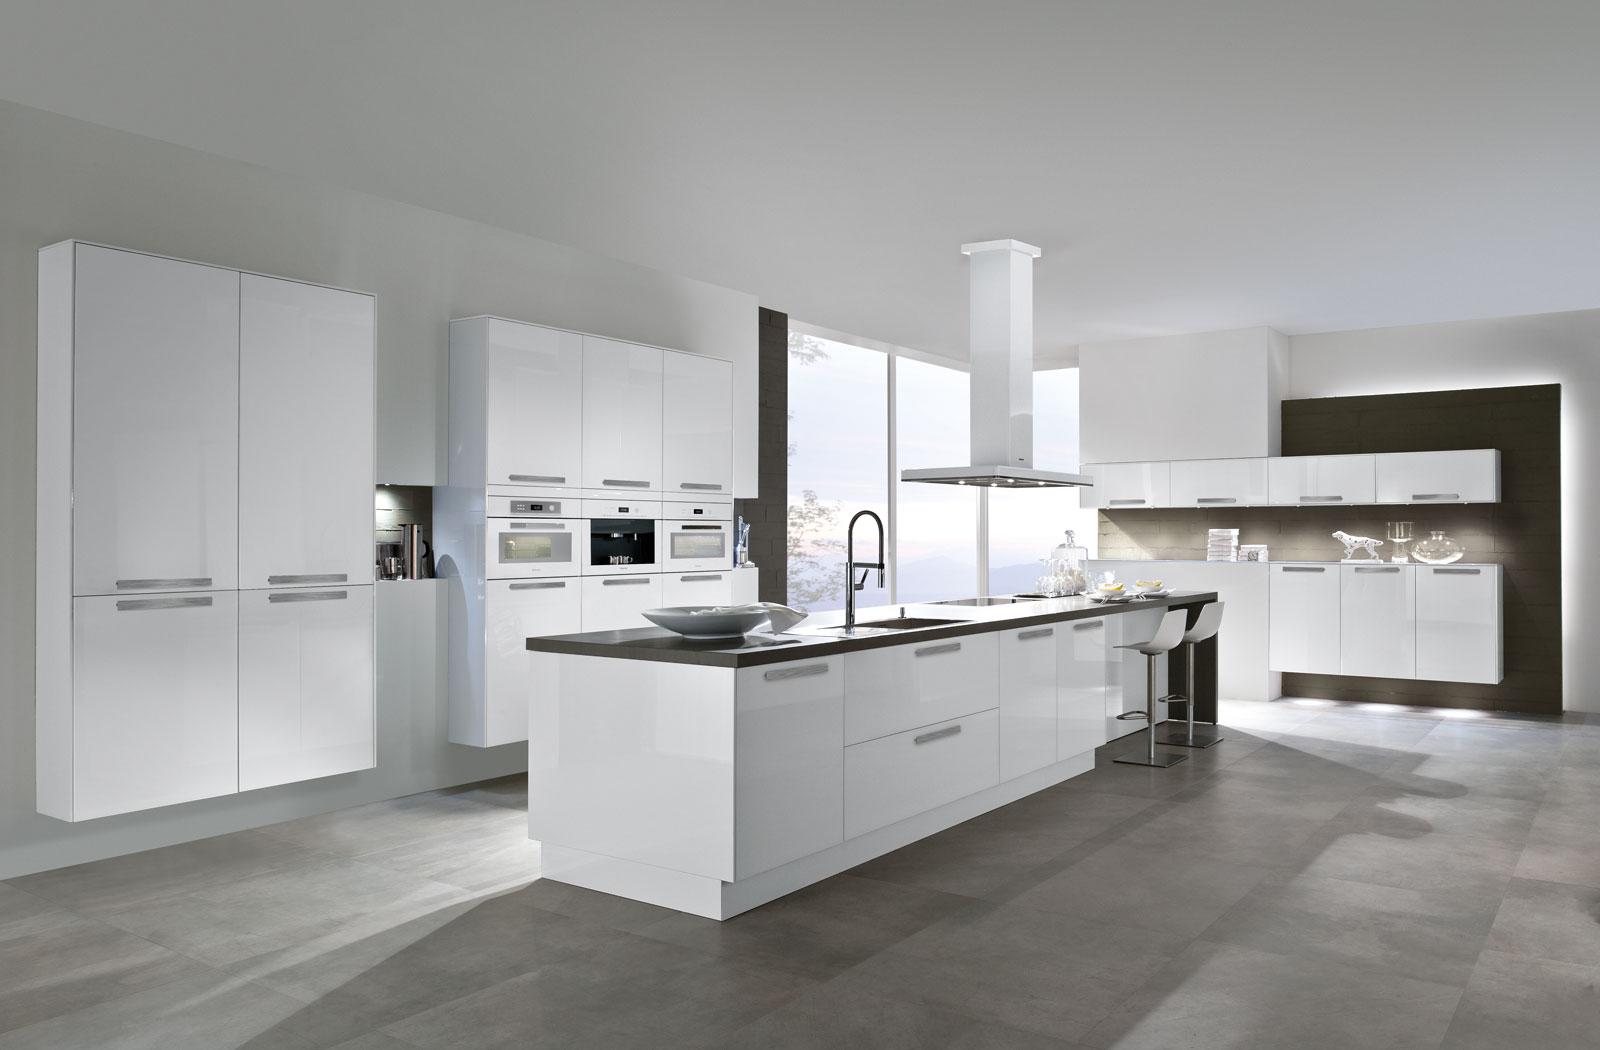 Meble kuchenne Brilliant White - oferta SAS Wnętrza i Kuchnie - Meble Kuchenne i Projektowanie wnętrz.